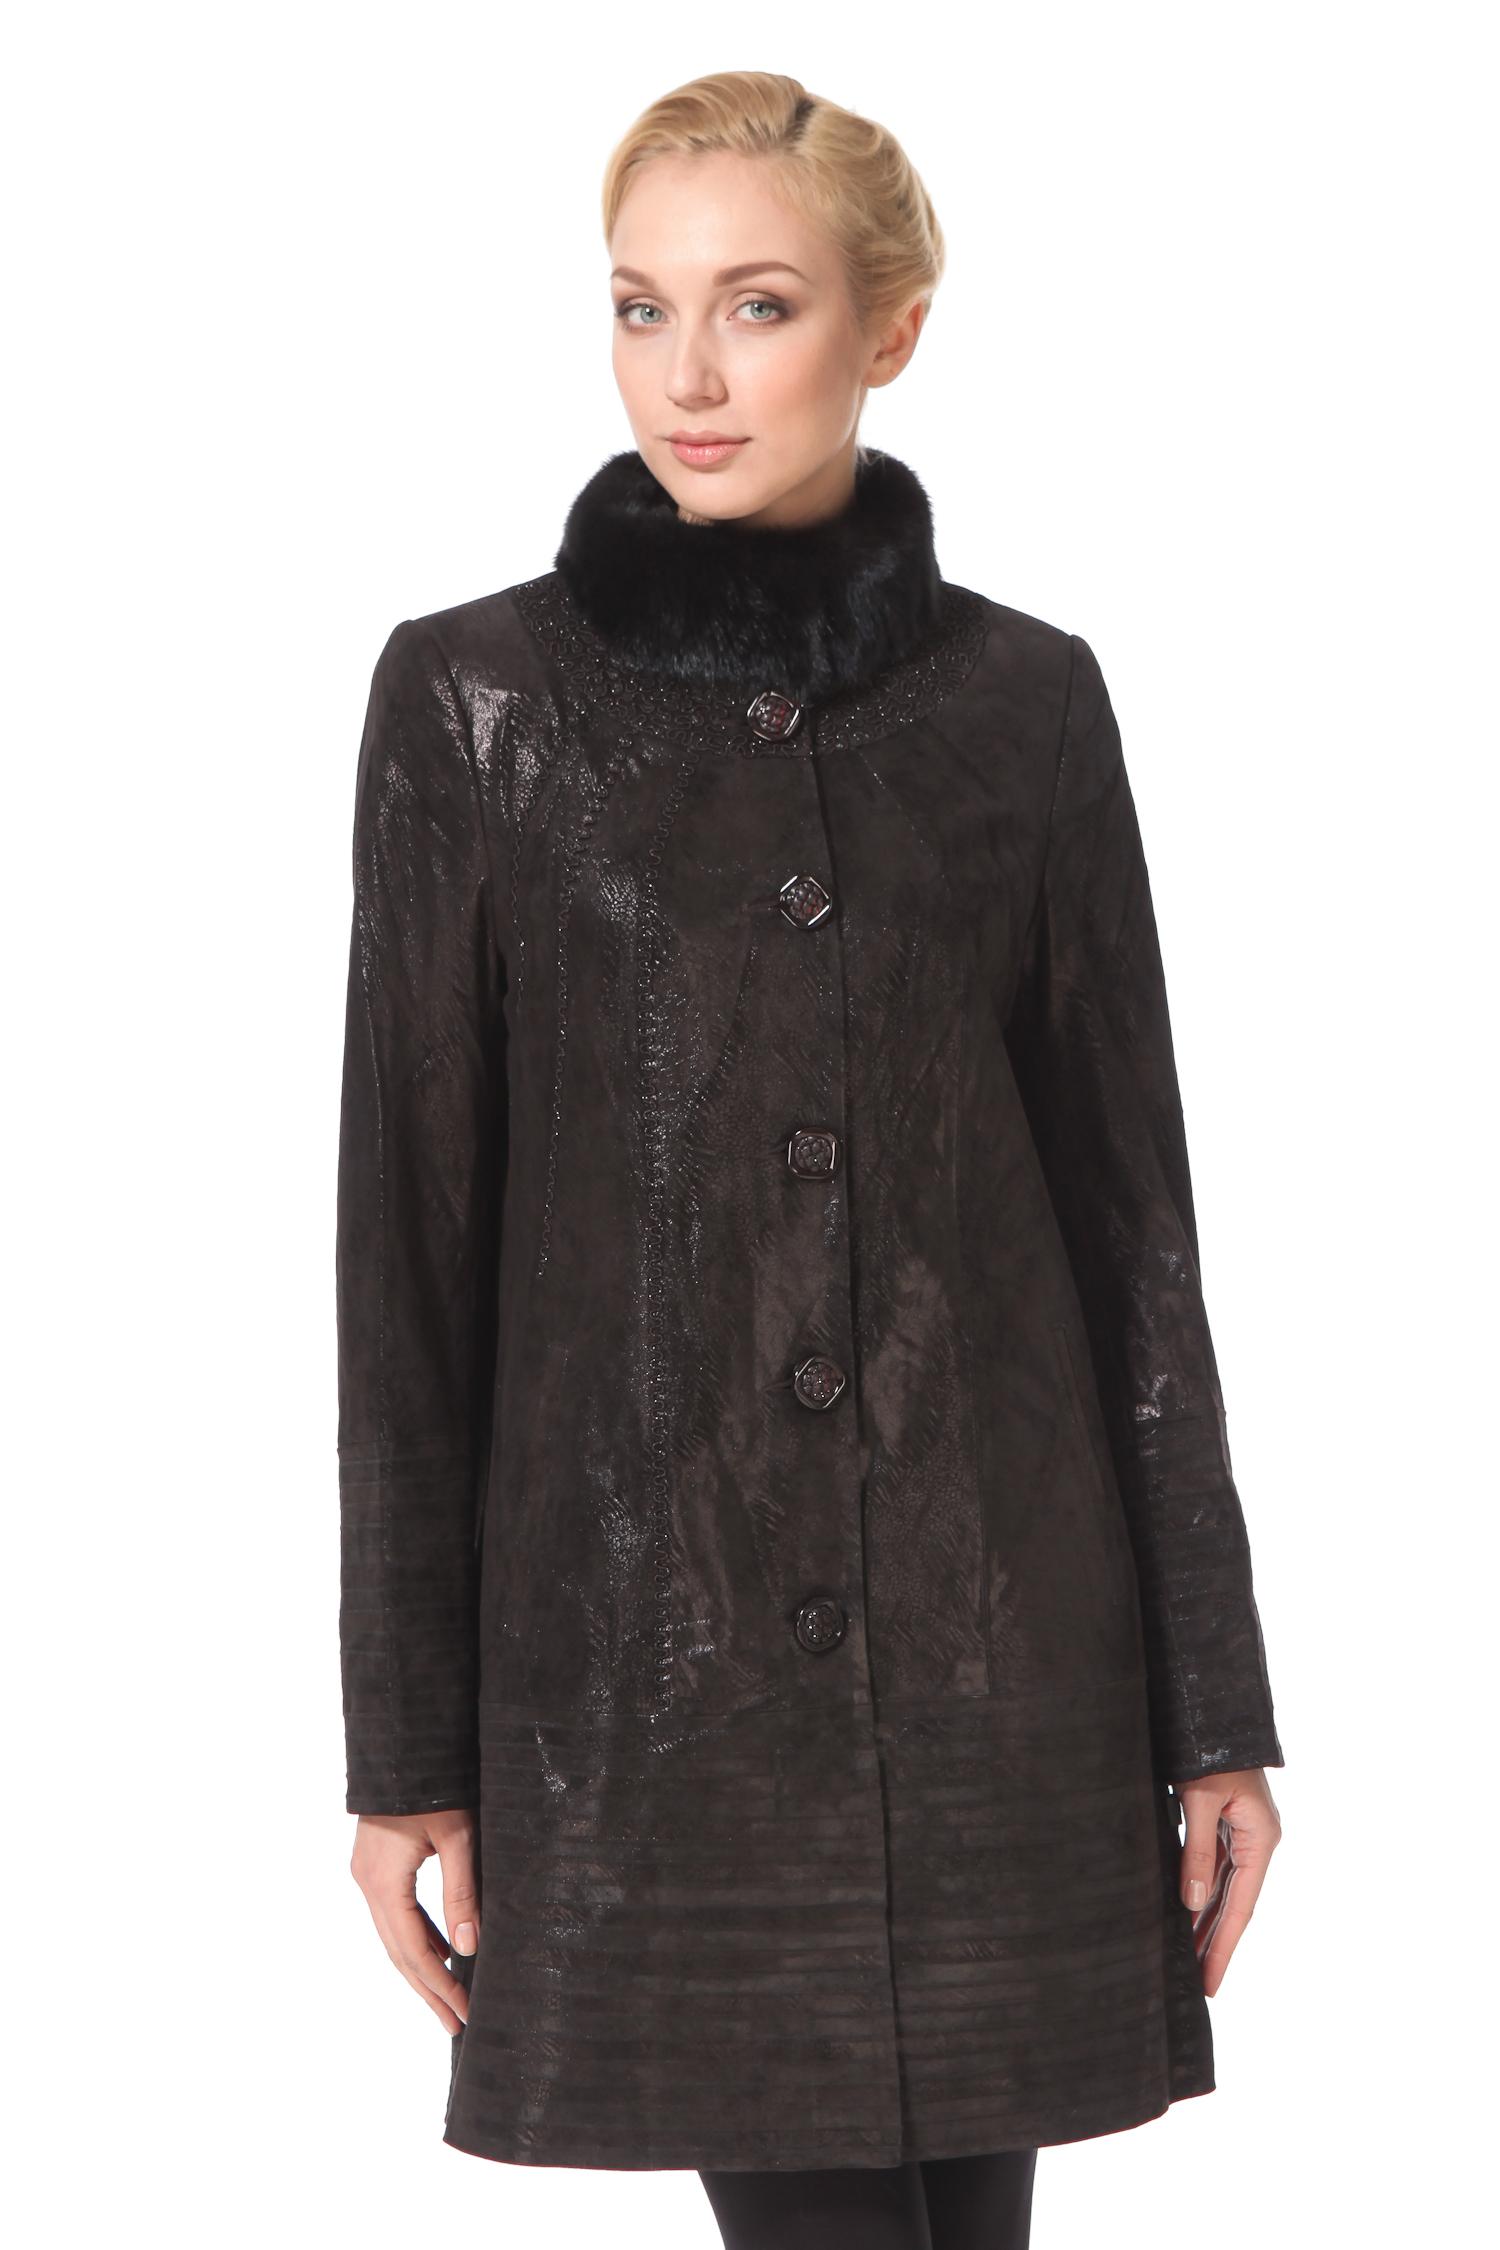 Женское кожаное пальто из натуральной замши (с накатом) с воротником,  отделка норка<br><br>Воротник: стойка<br>Длина см: Длинная (свыше 90)<br>Материал: Замша<br>Цвет: коричневый<br>Пол: Женский<br>Размер RU: 50